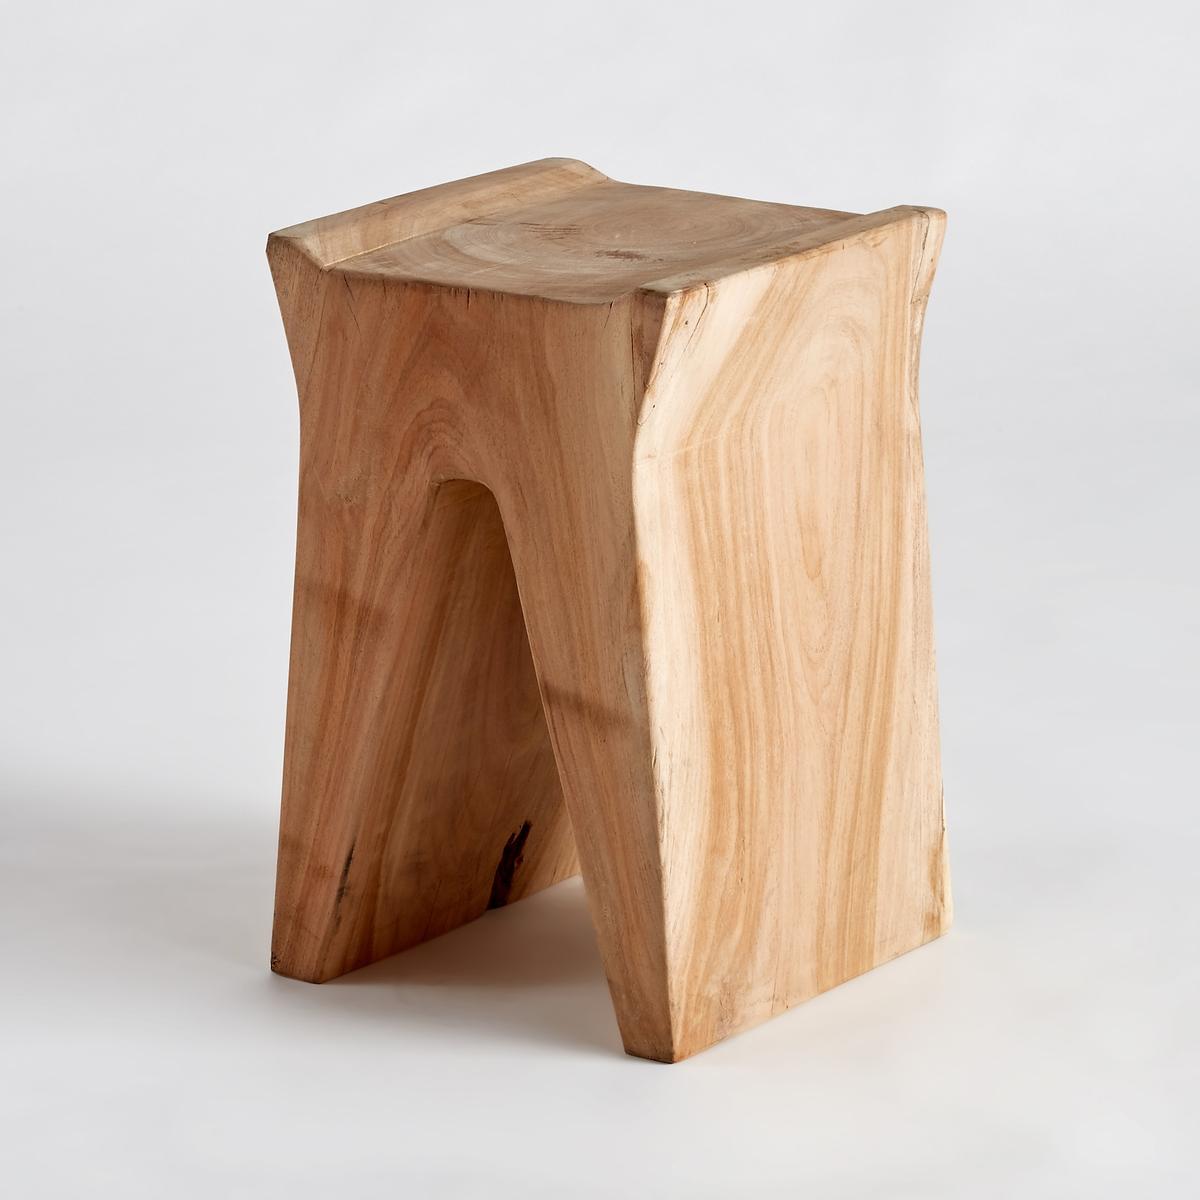 Диванный столик из акации, SeduwaХарактеристики :- Из массива акации. Массив дерева - это живой материал, который может изменить свой внешний вид и на котором могут со временем образоваться небольшие трещинки. Размеры :- диаметр 30 x высота 45 см<br><br>Цвет: серо-бежевый